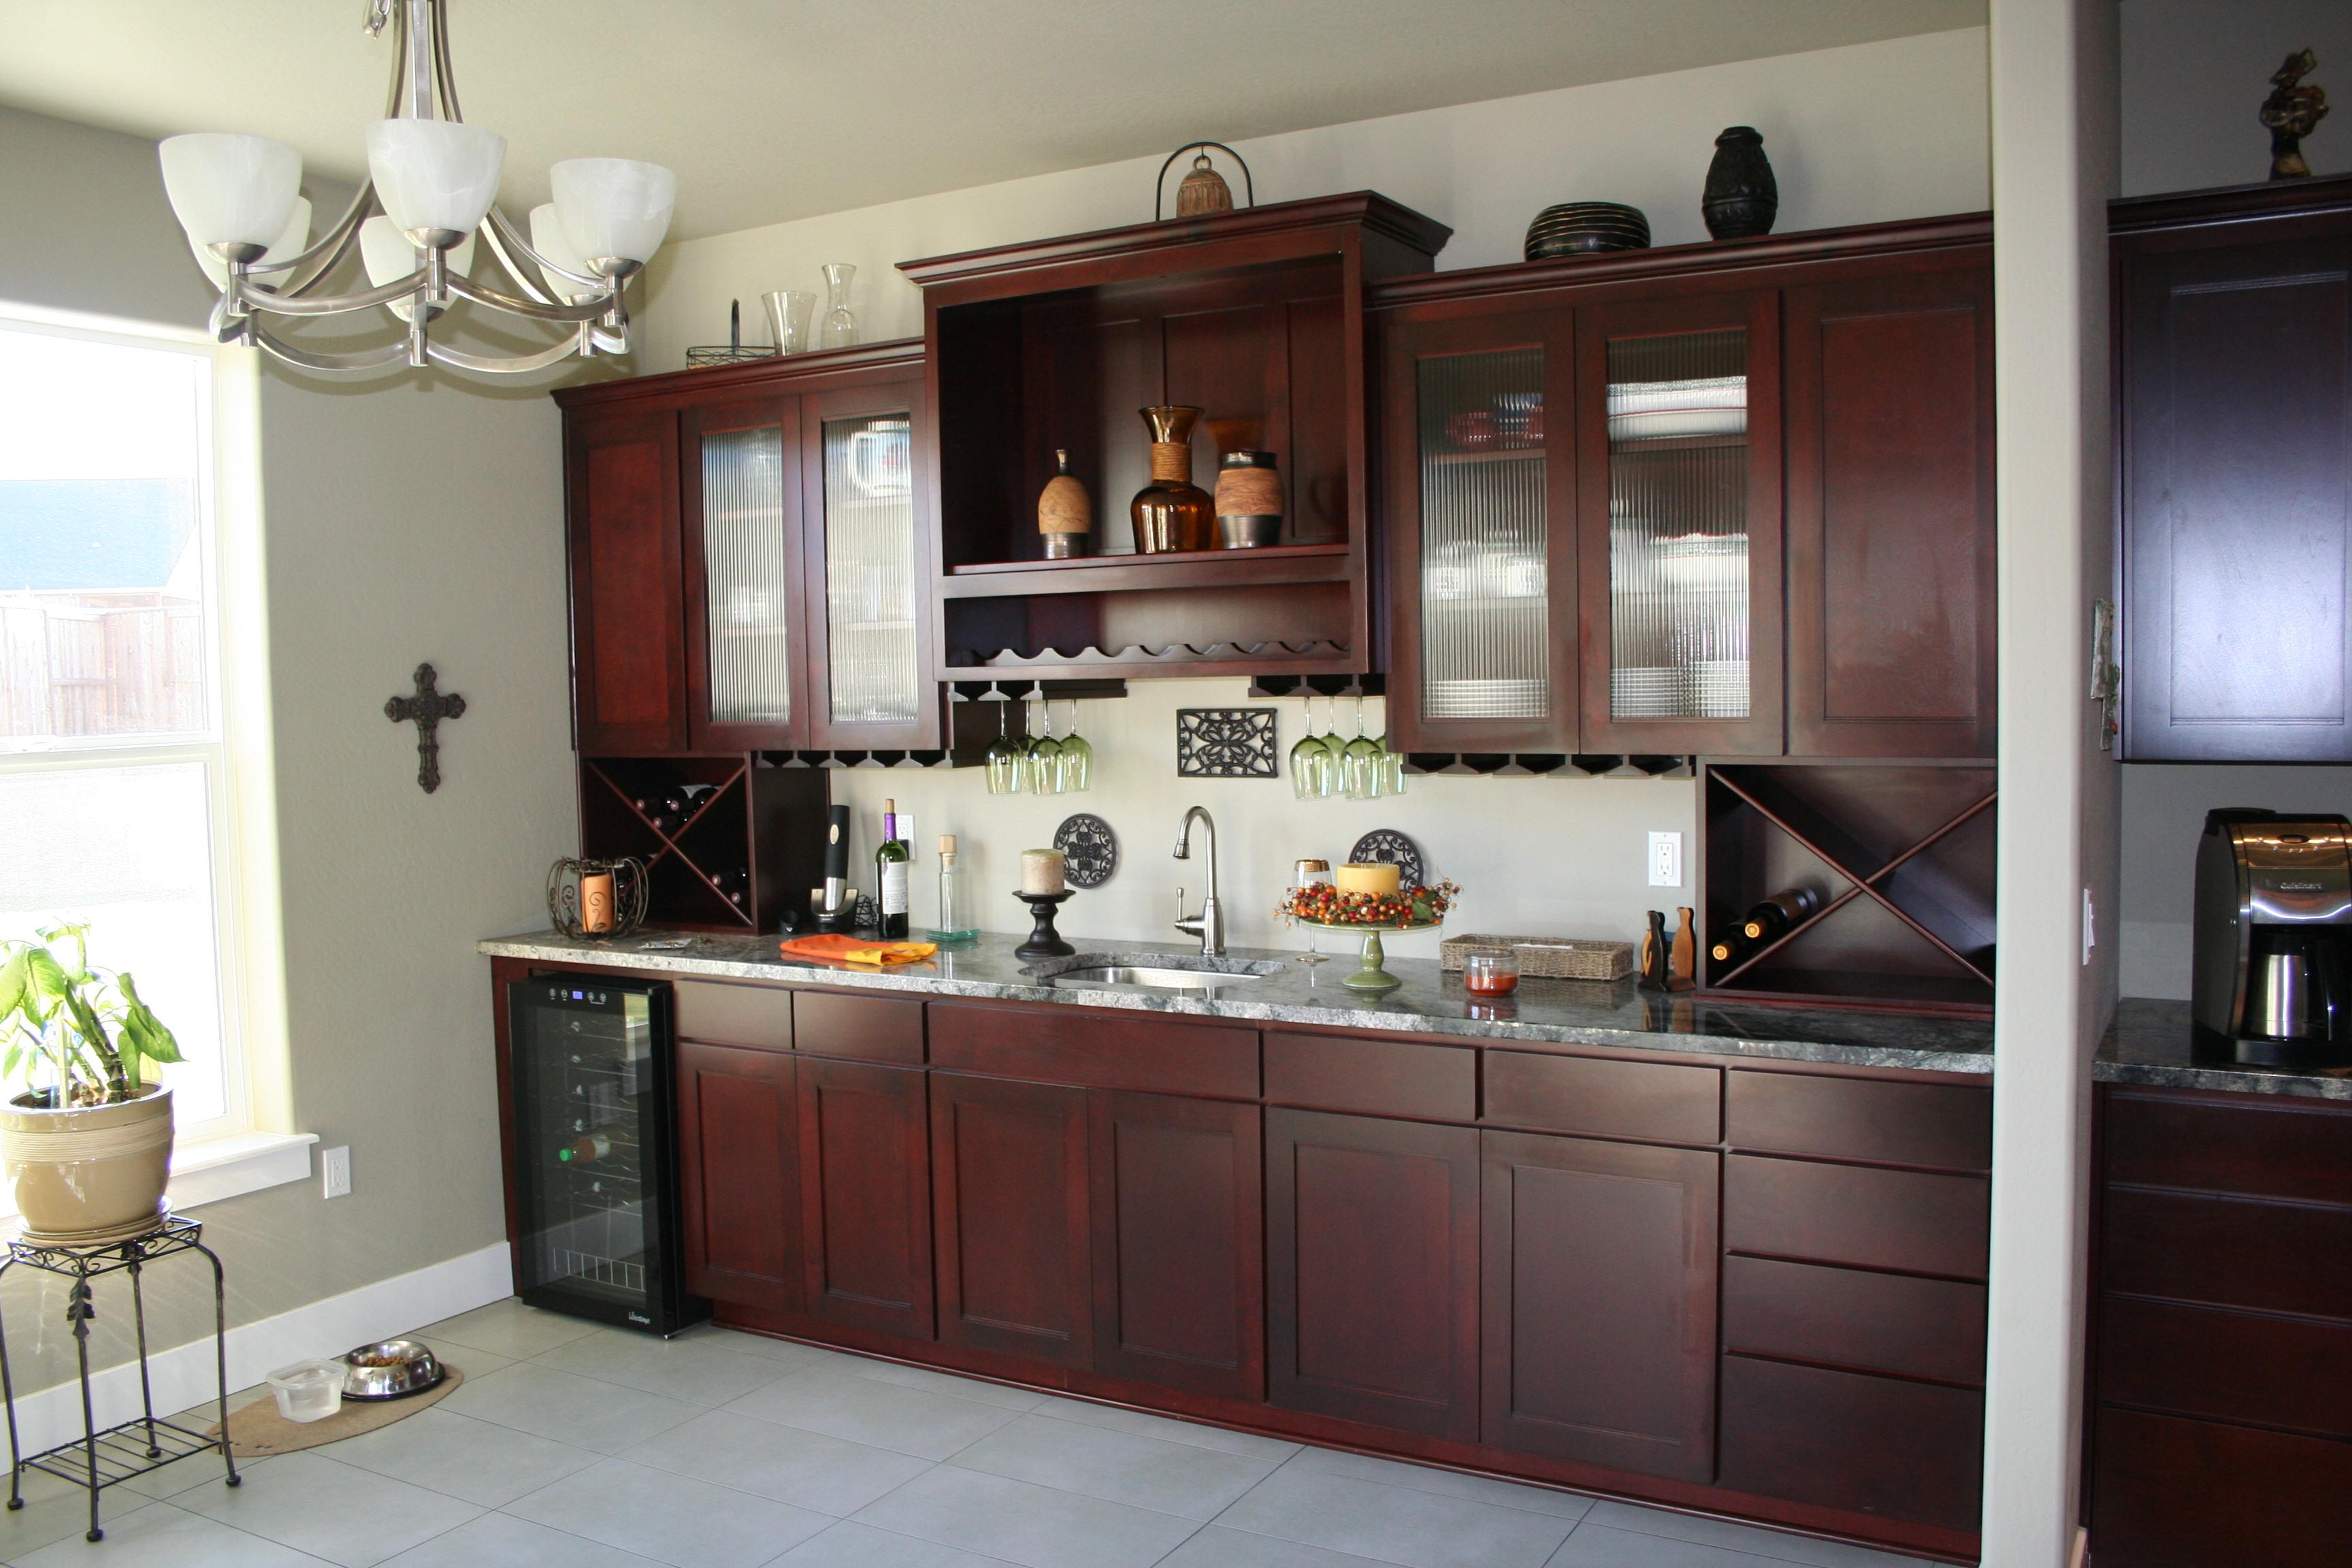 træmaling brun køkken - Kongen af maling